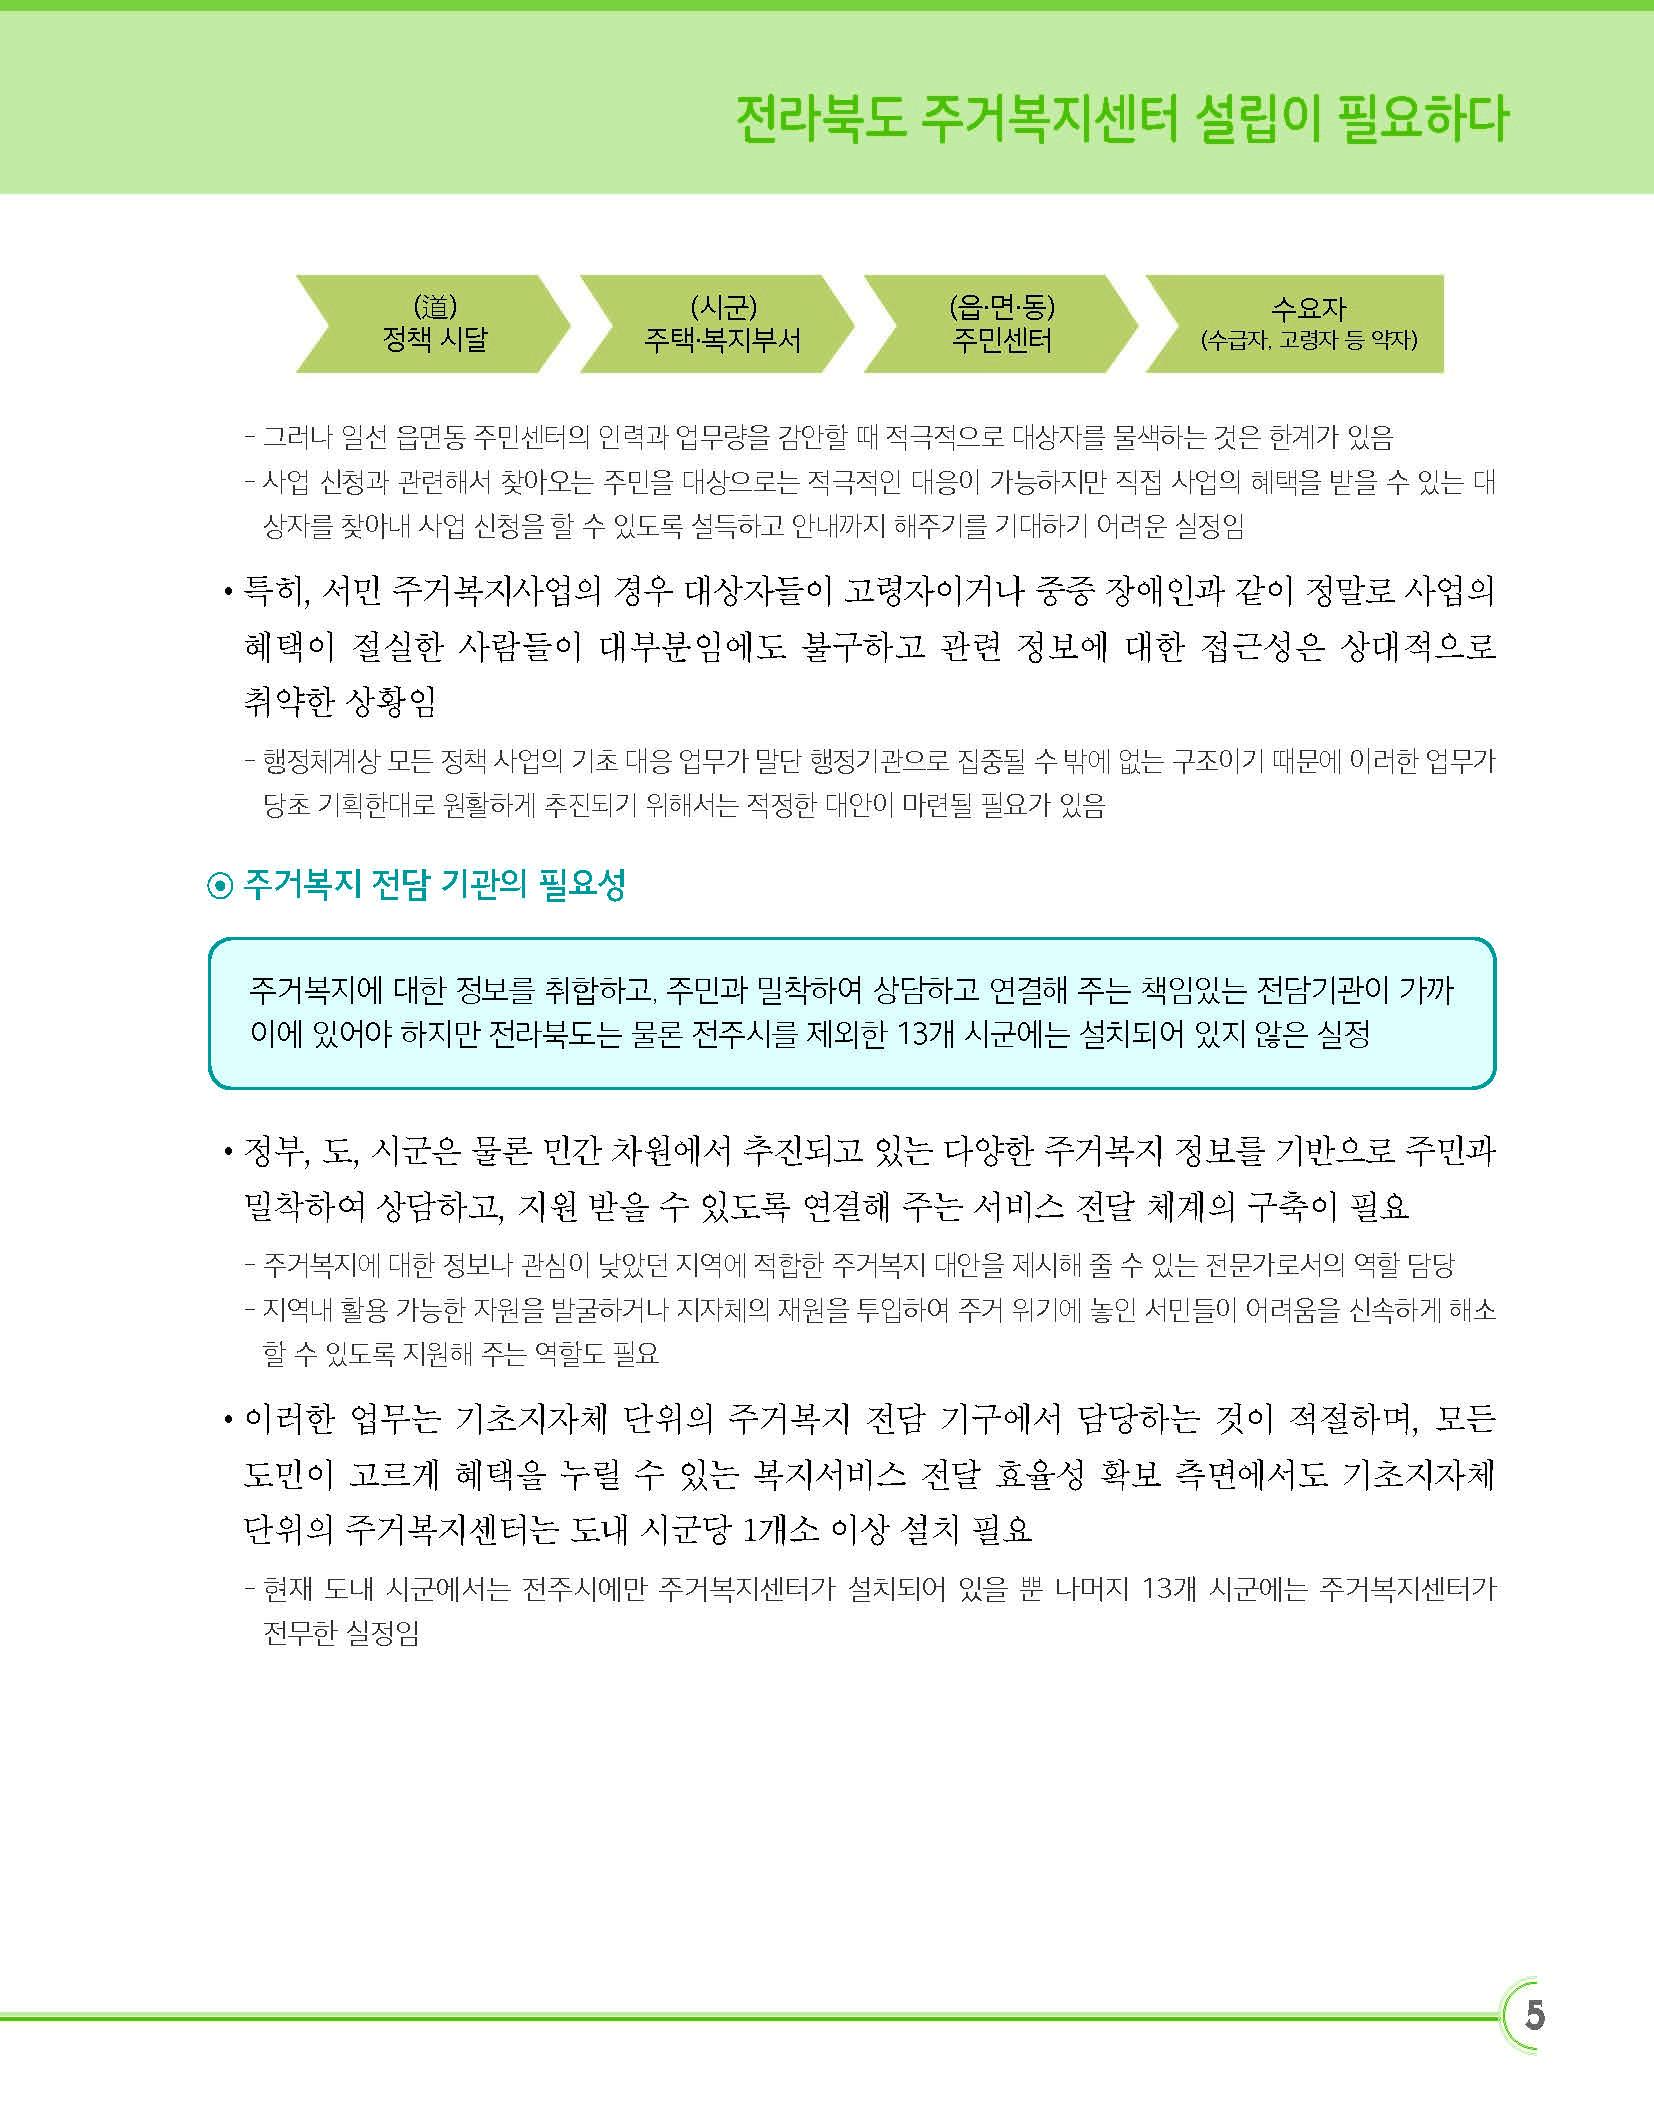 [이슈브리핑 206호]_전라북도 주거복지센터 설립이 필요하다_페이지_05.jpg